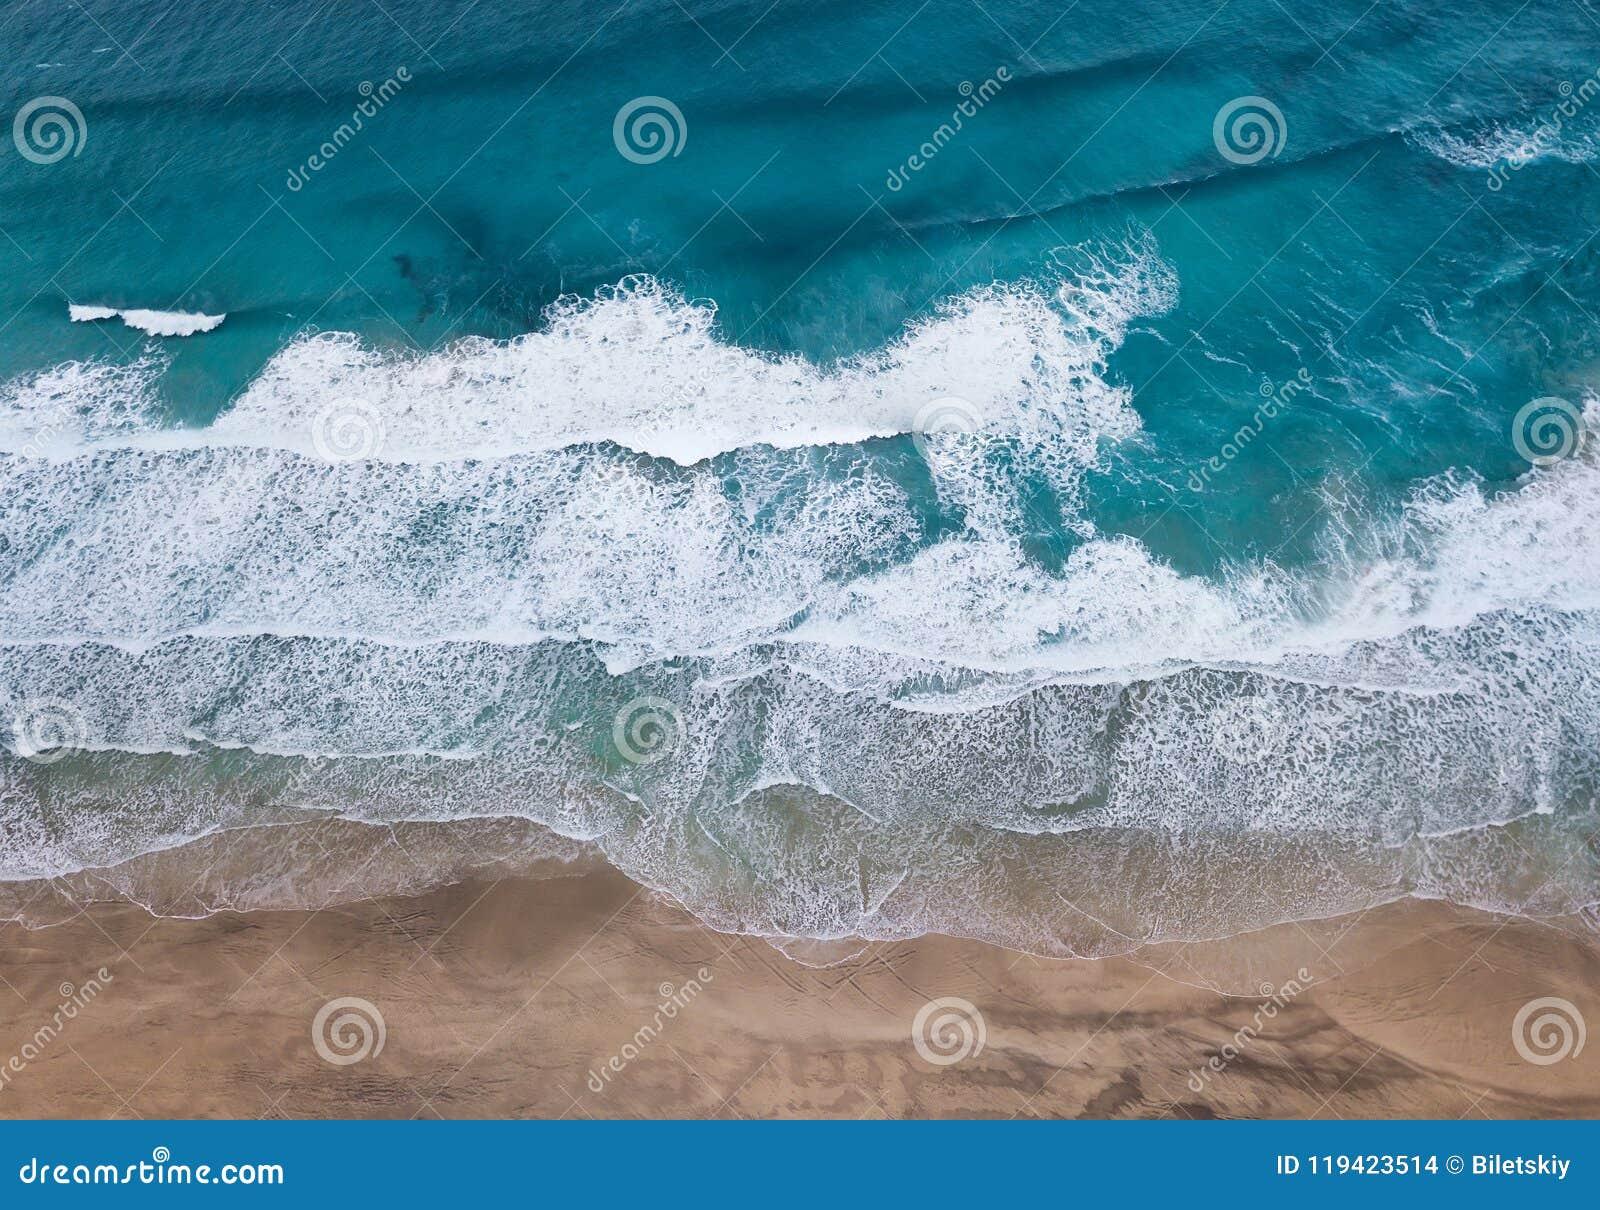 Vue aérienne sur la plage et les vagues